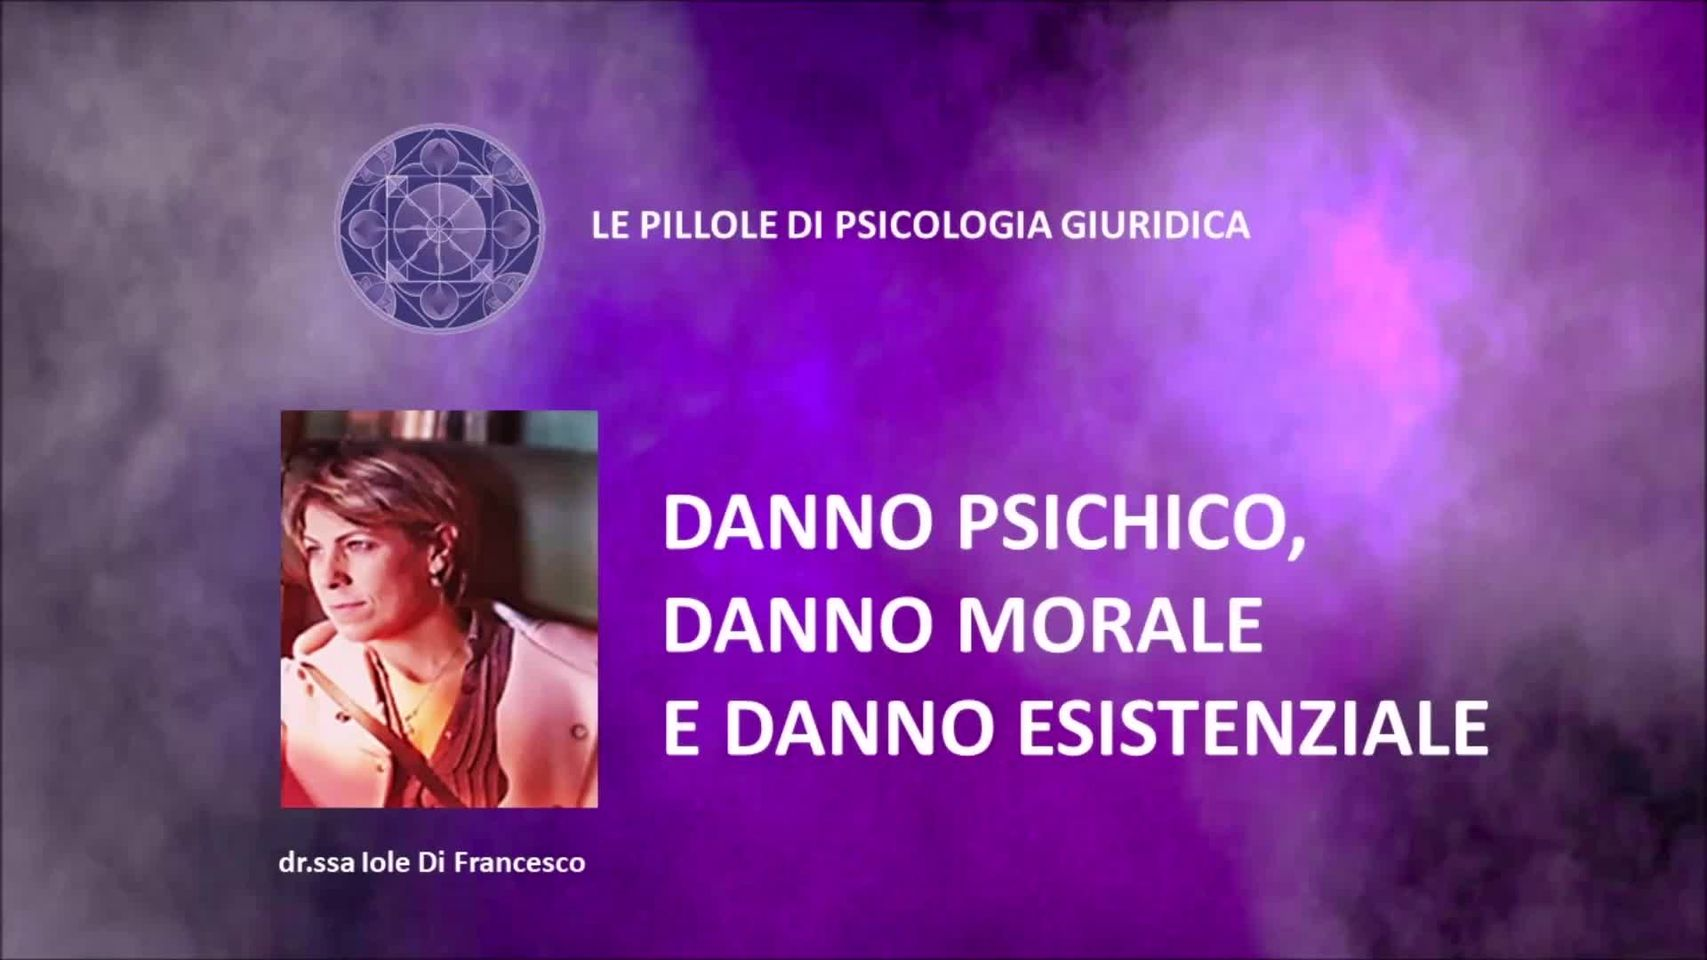 Danno Psichico, Danno Morale e Danno Esistenziale - dr.ssa IOLE DI FRANCESCO - Alchimie Giuridica